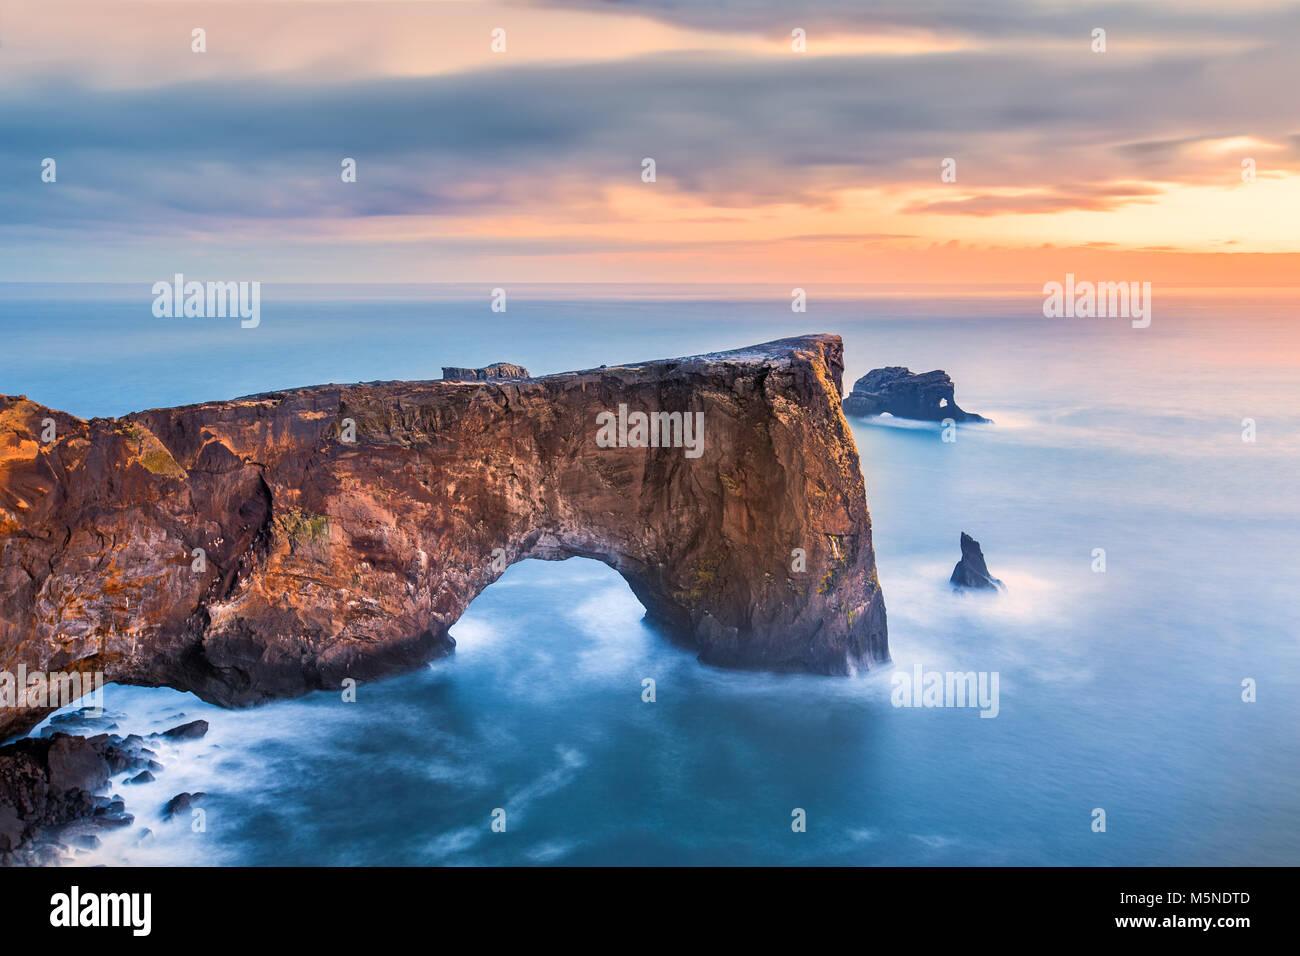 Dyrholaey rock formazione al tramonto. Dyrholaey è un promontorio situato sulla costa sud dell'Islanda, Immagini Stock